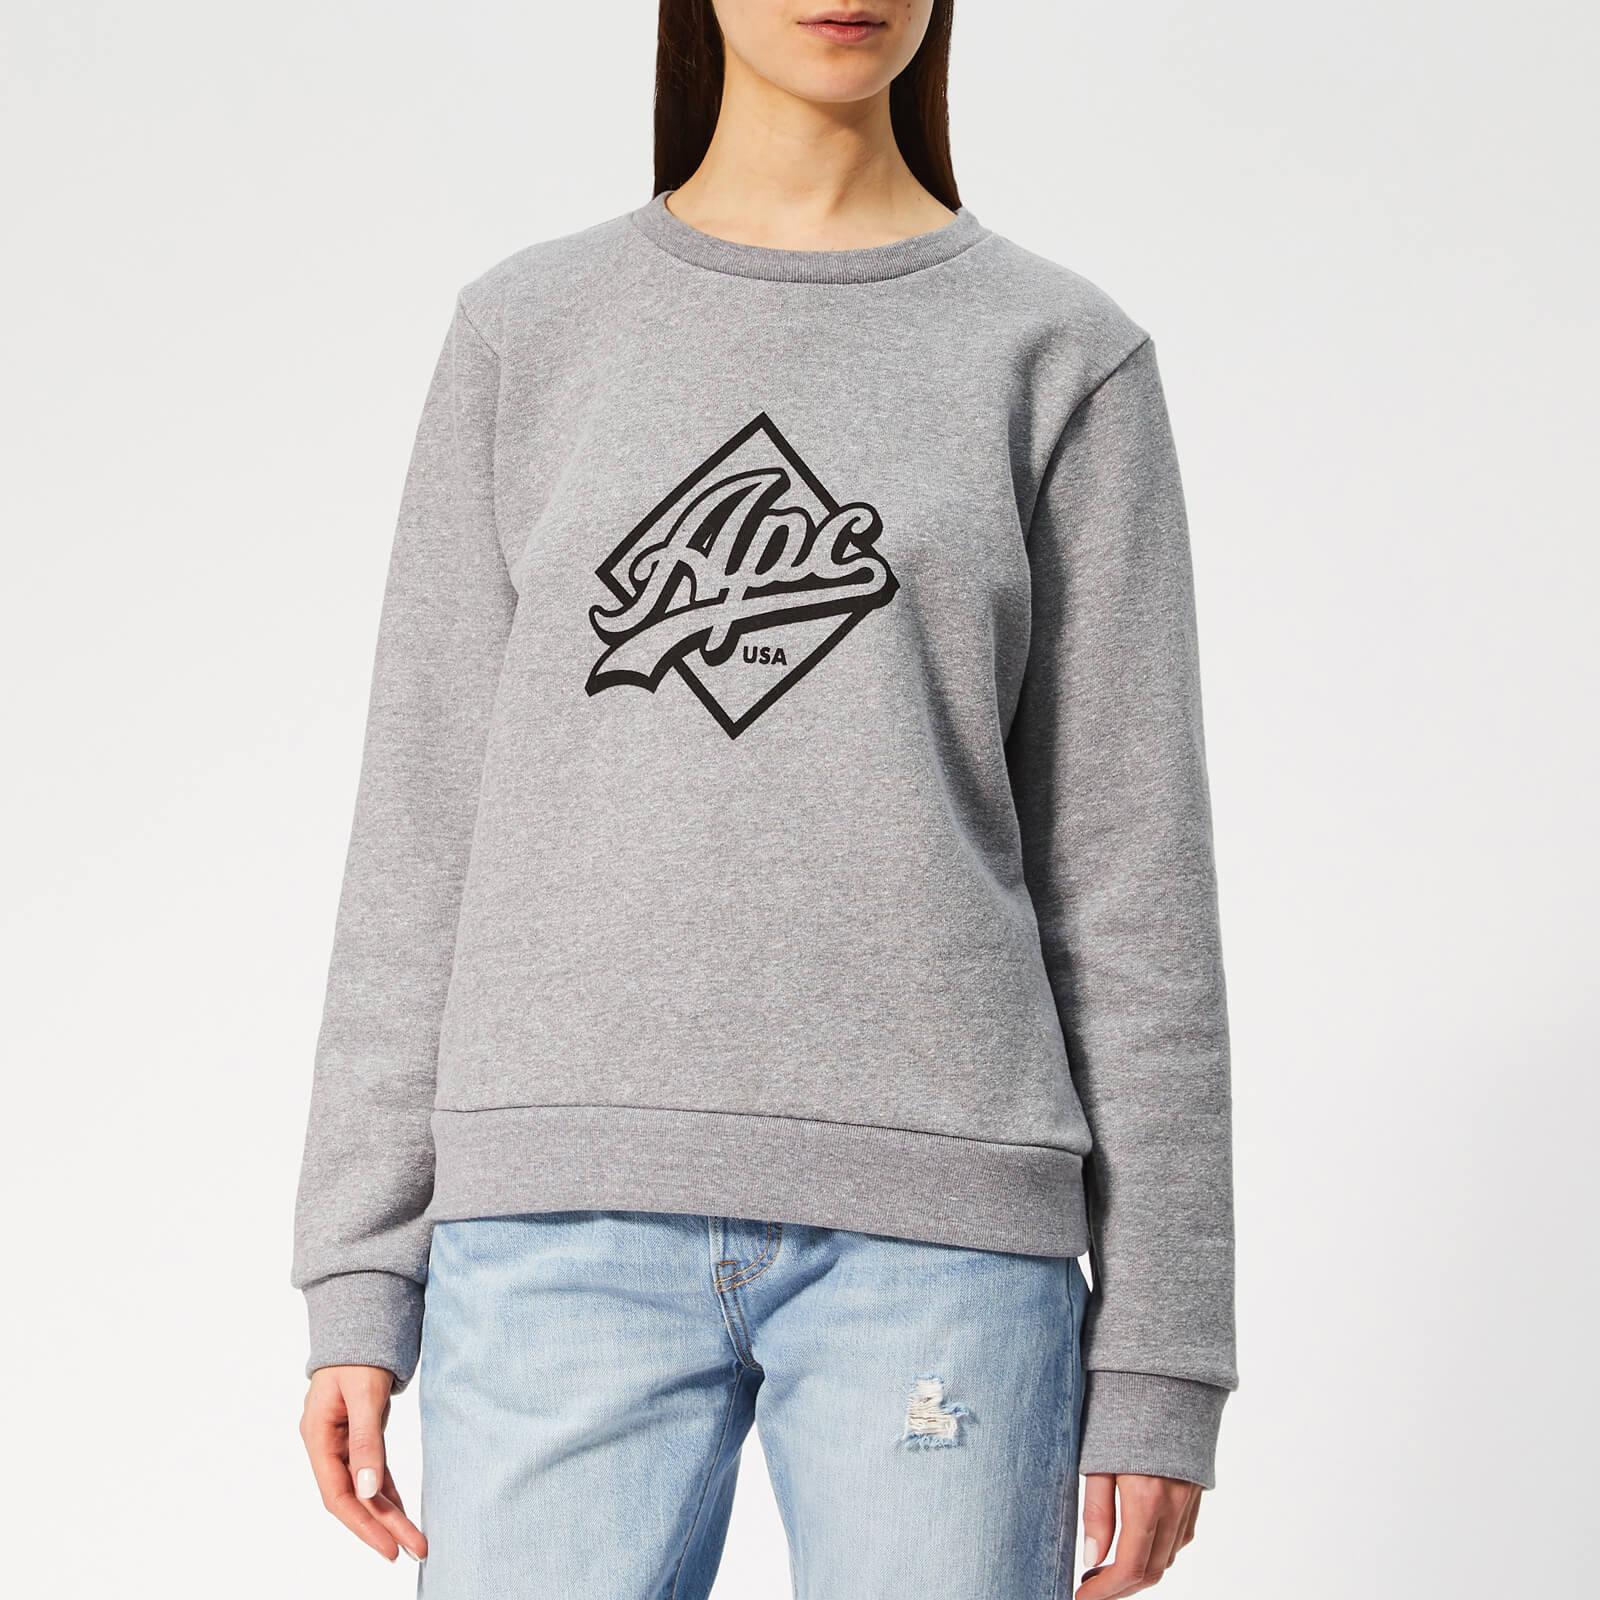 Kimberley Uk Sweatshirt Grey Delivery cWomen's Over p A £50 Free 80Nmnw